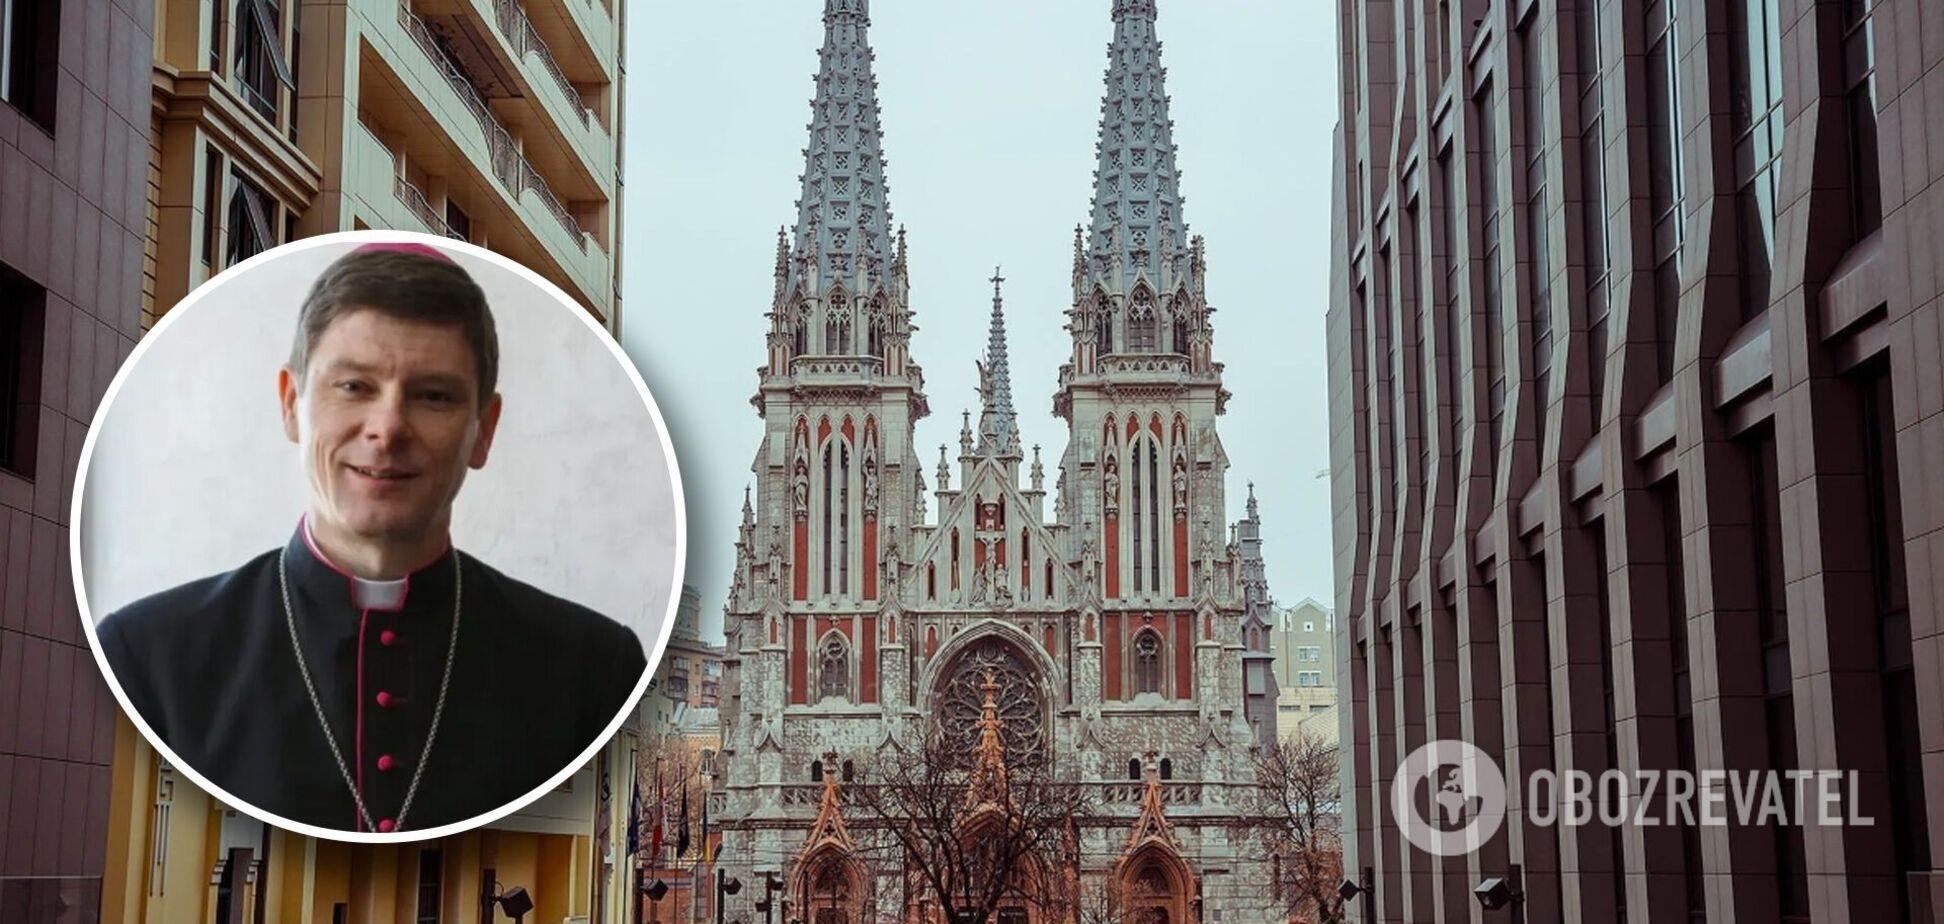 Єпископ про костел Святого Миколая в Києві: ми не хочемо нікого виганяти, лише врятувати храм